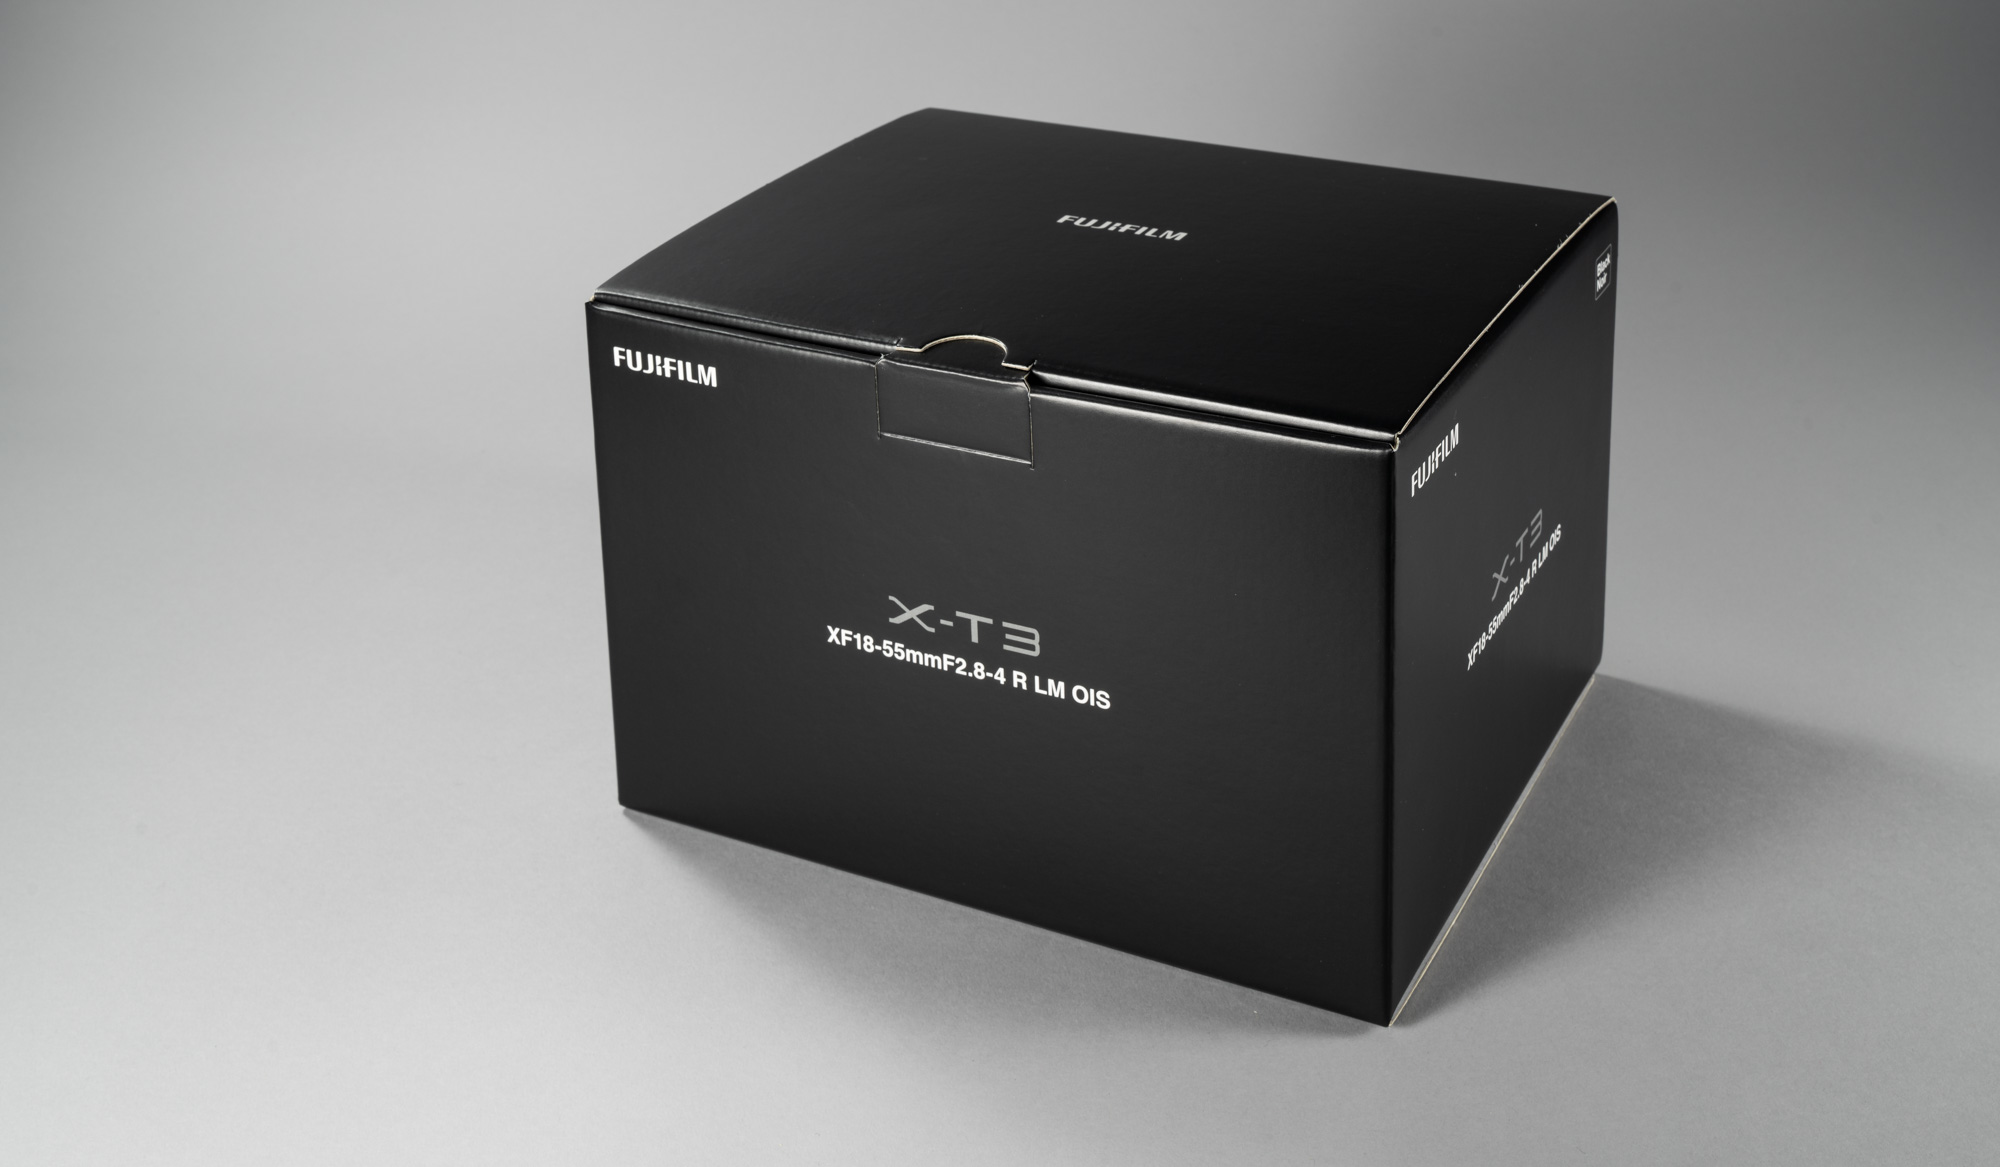 f1deb74ec3c Karbist saab välja võetud Fujifilmi X-T1 kaamera komplektis FUJINON XF 18- 55mm f/2.8-4 R LM OIS suumobjektiiviga. See on kõige standardsem ja  tavalisem ...